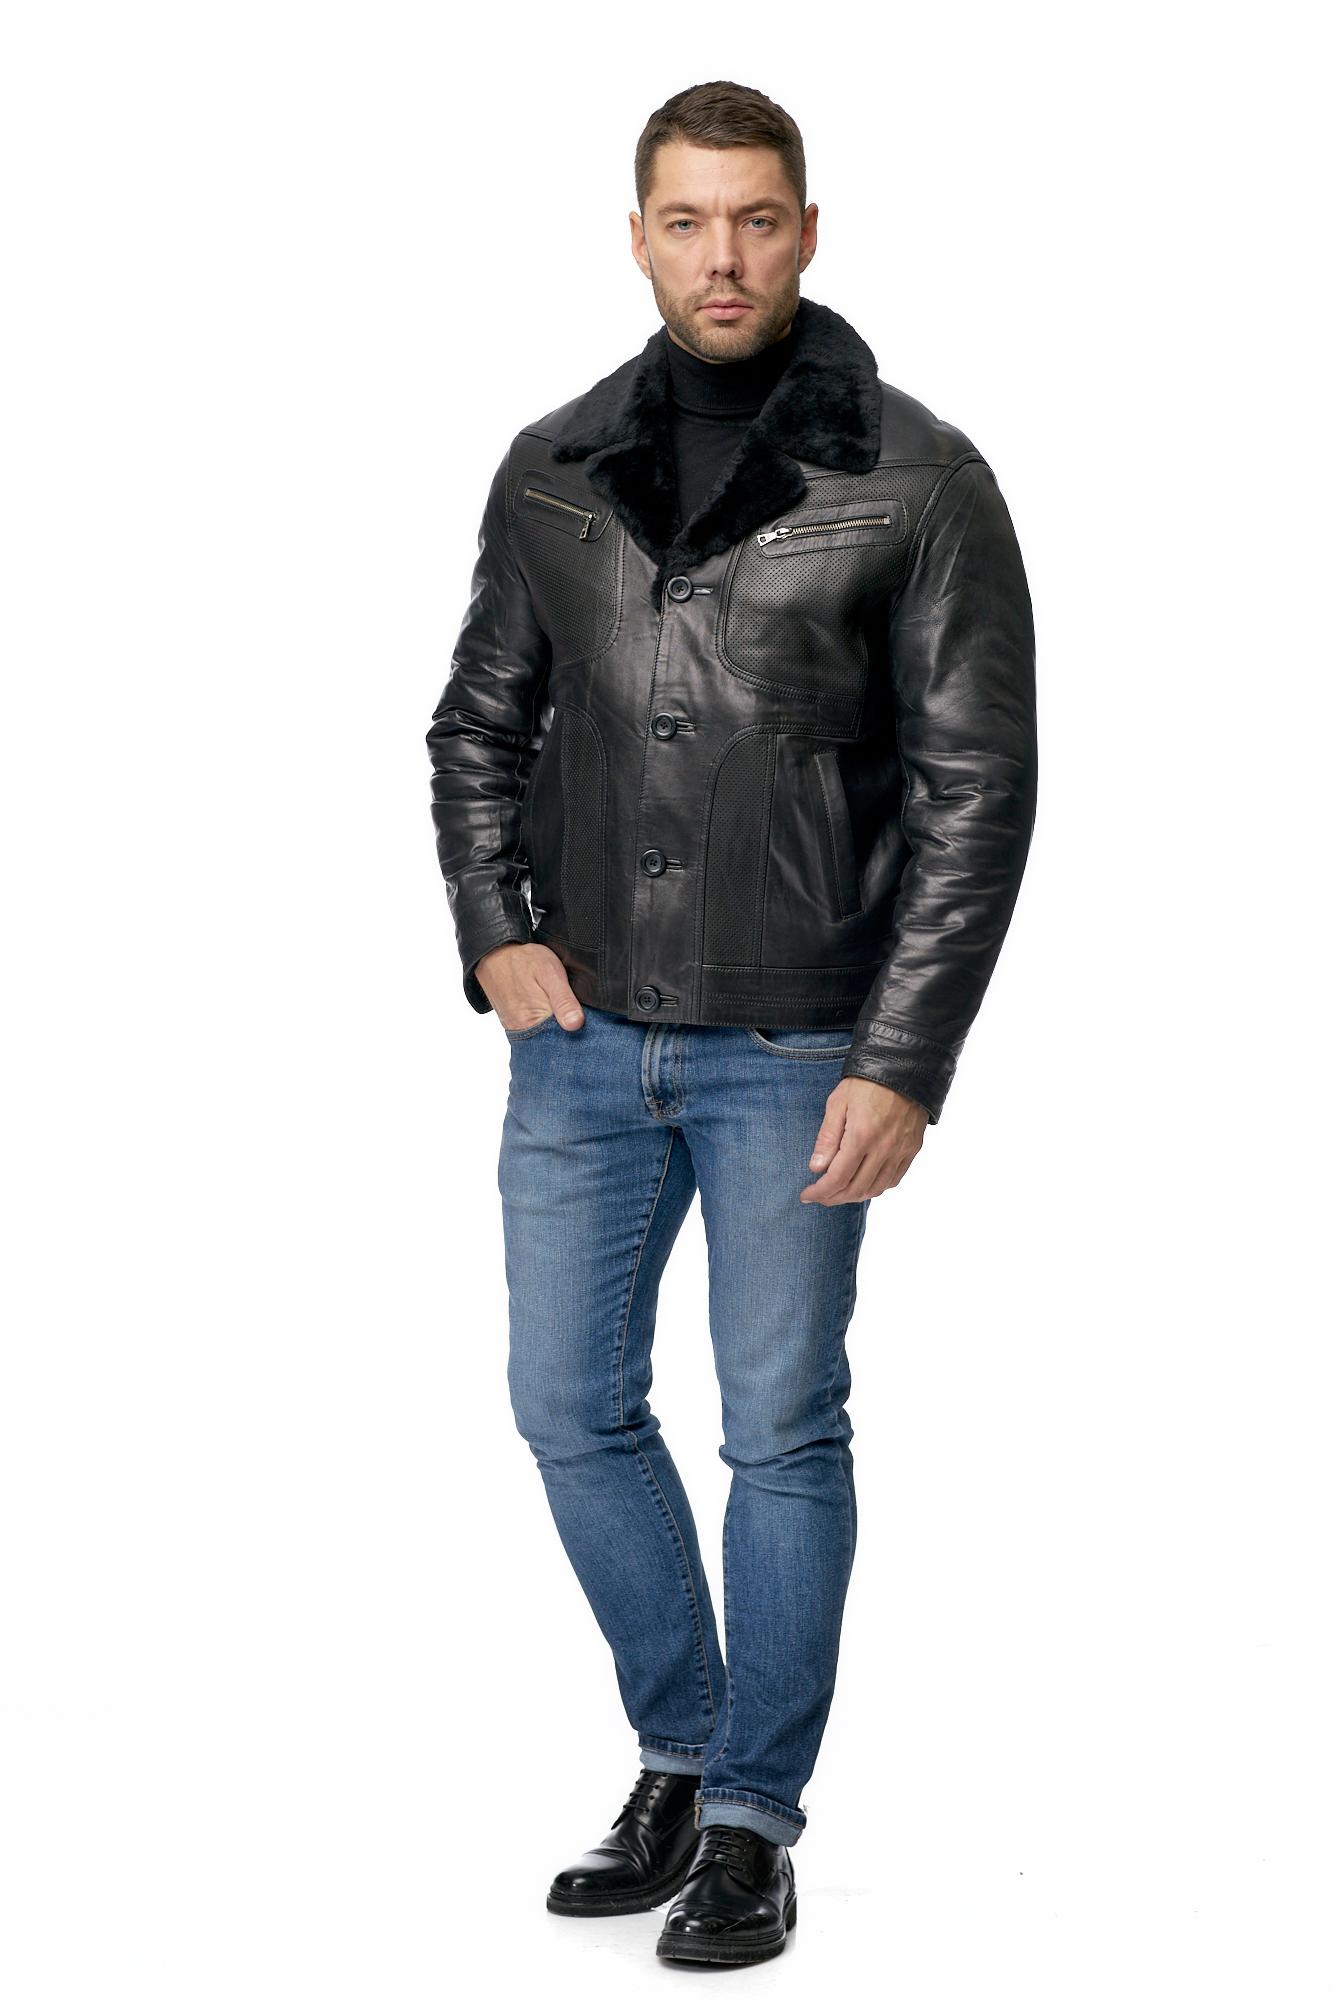 Мужская кожаная куртка из натуральной кожи на меху с воротником фото 2